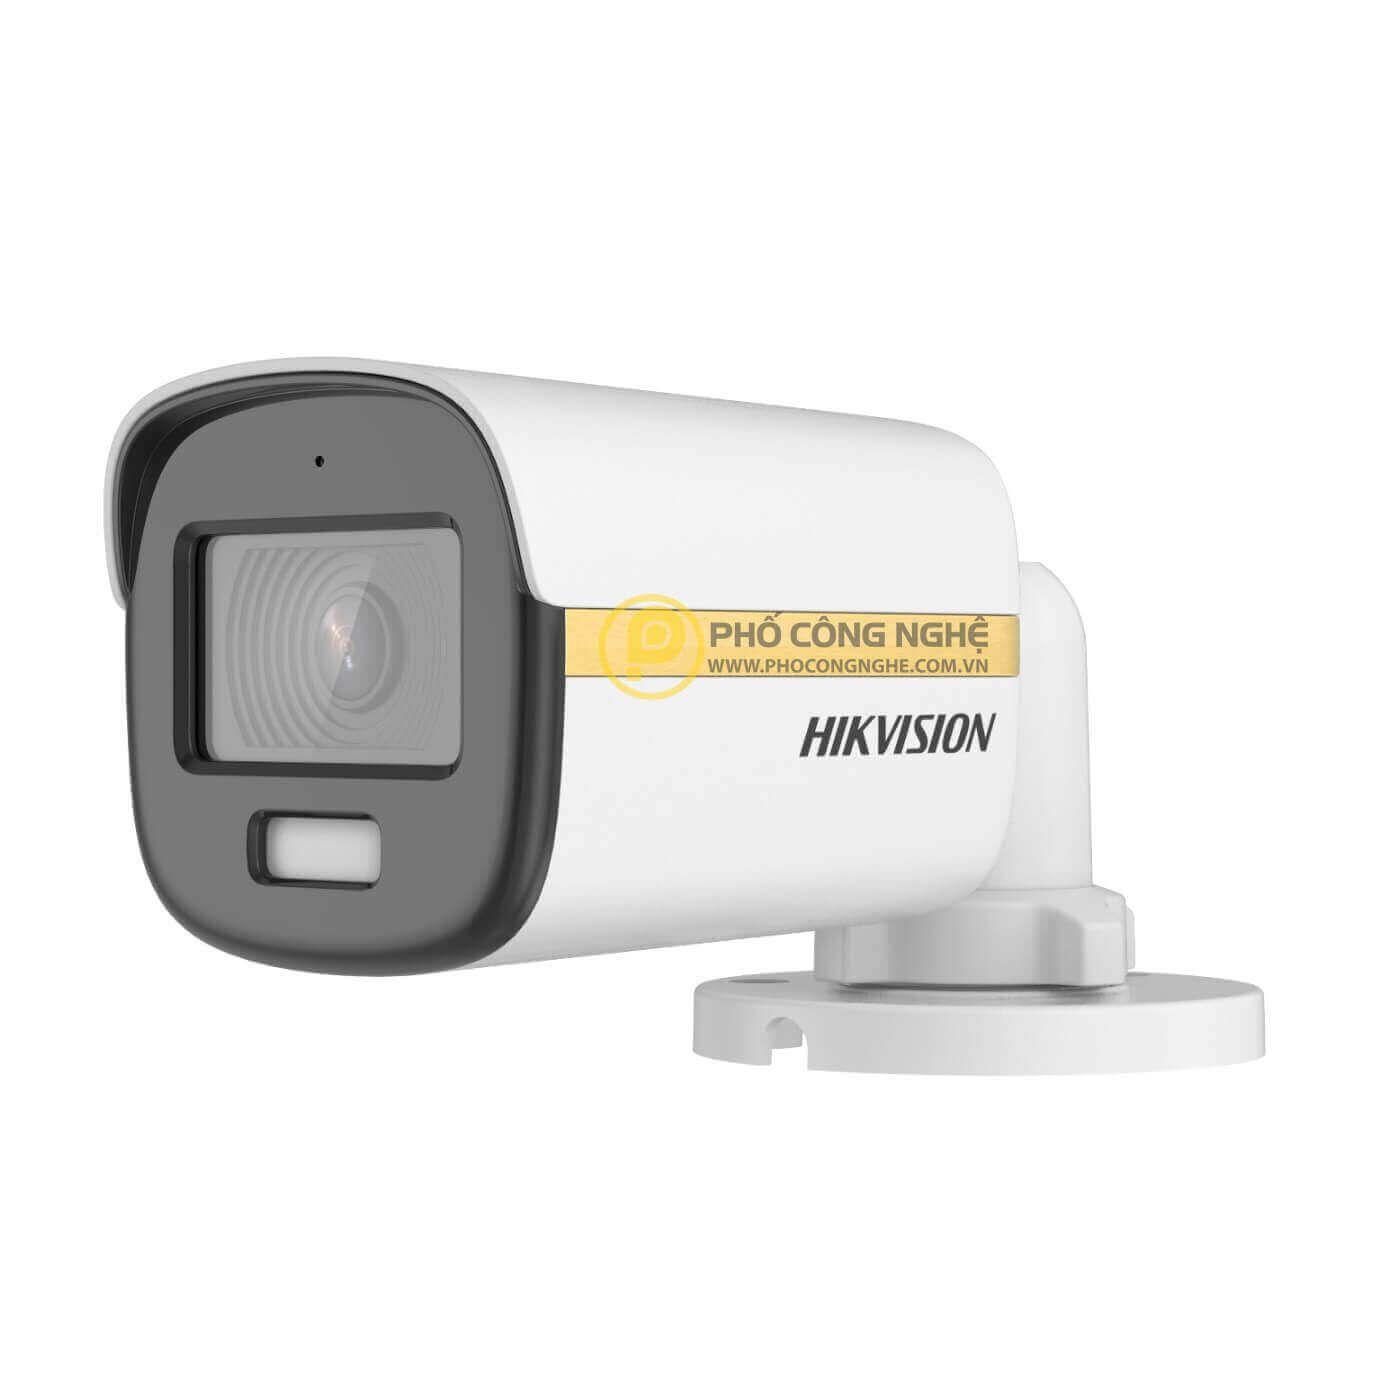 Hikvision DS-2CE10DF3T-PF